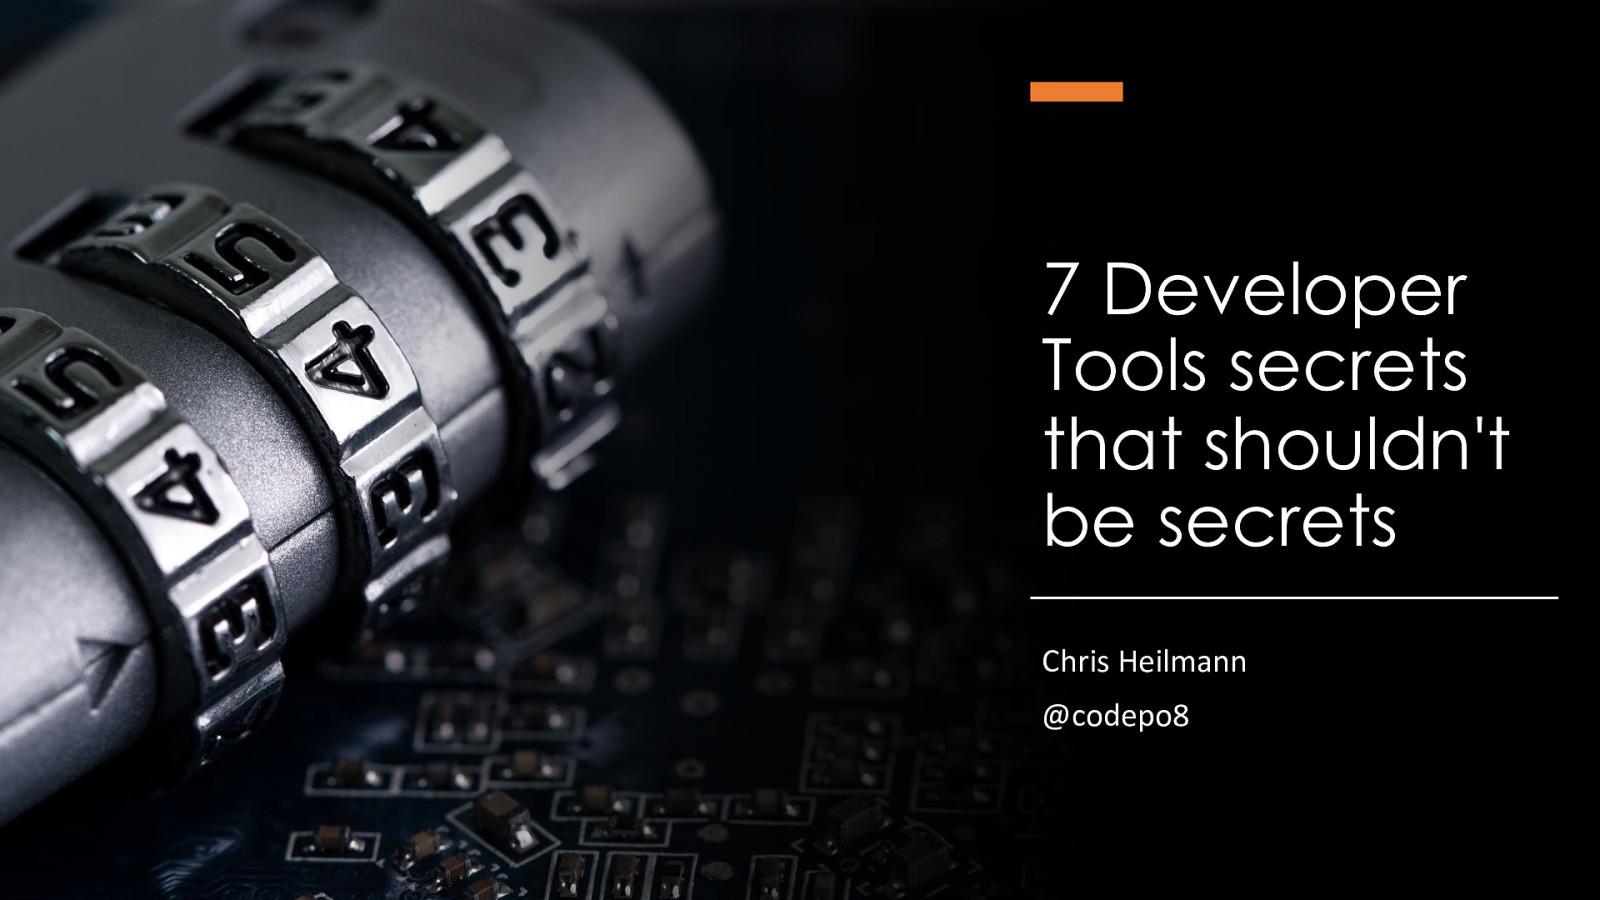 7 Developer Tools secrets that shouldn't be secrets